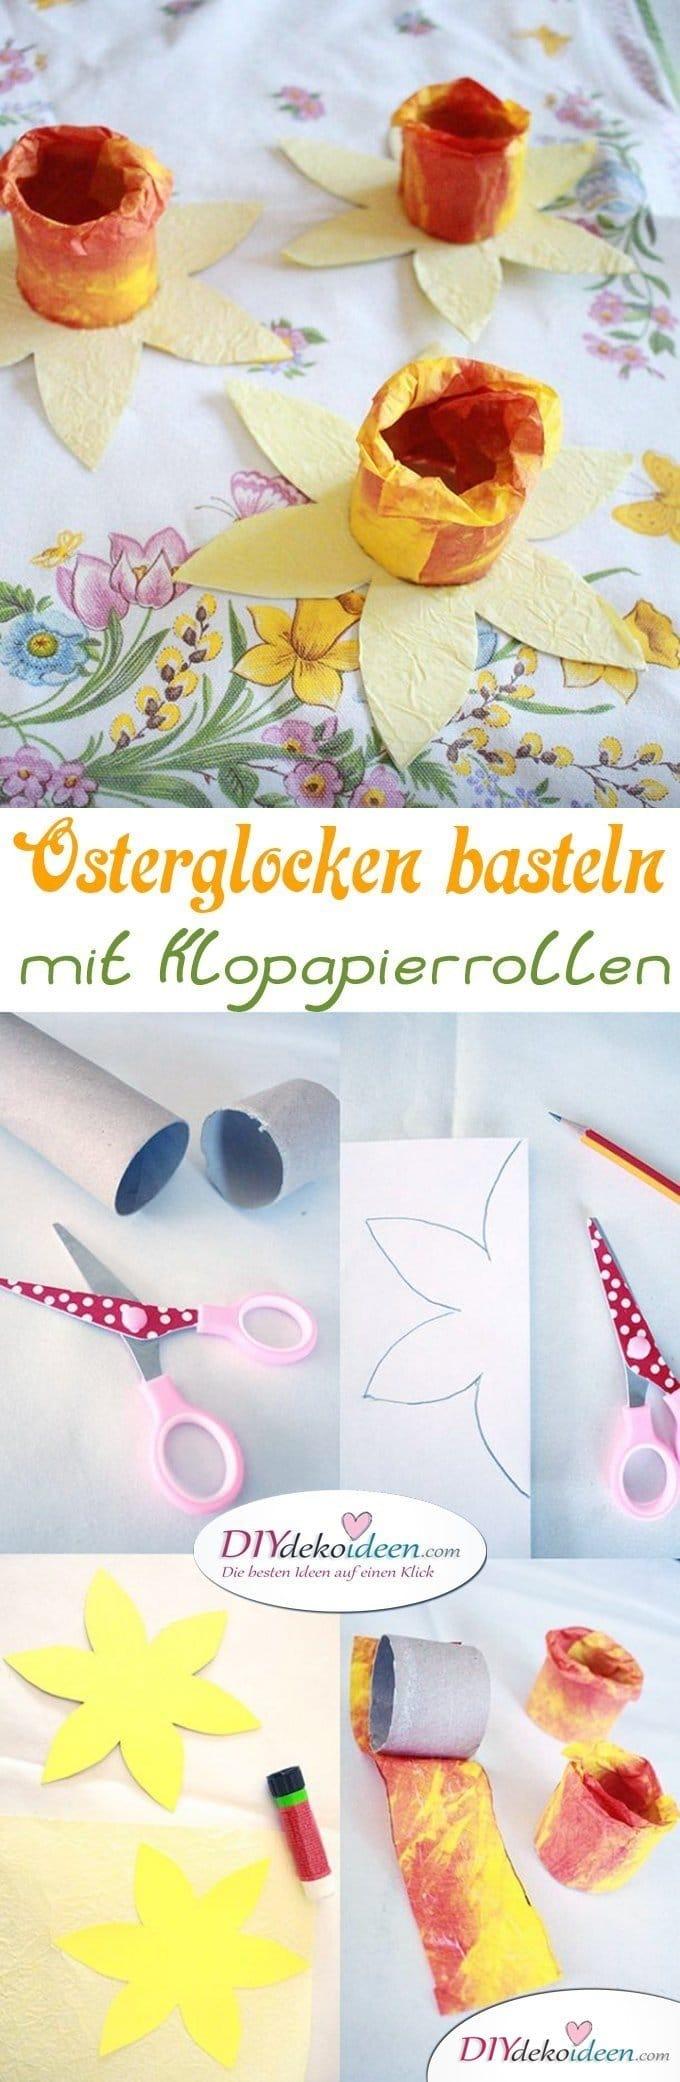 Diy Ideen Osterglocken Basteln Mit Klopapierrollen Und Knitterpapier